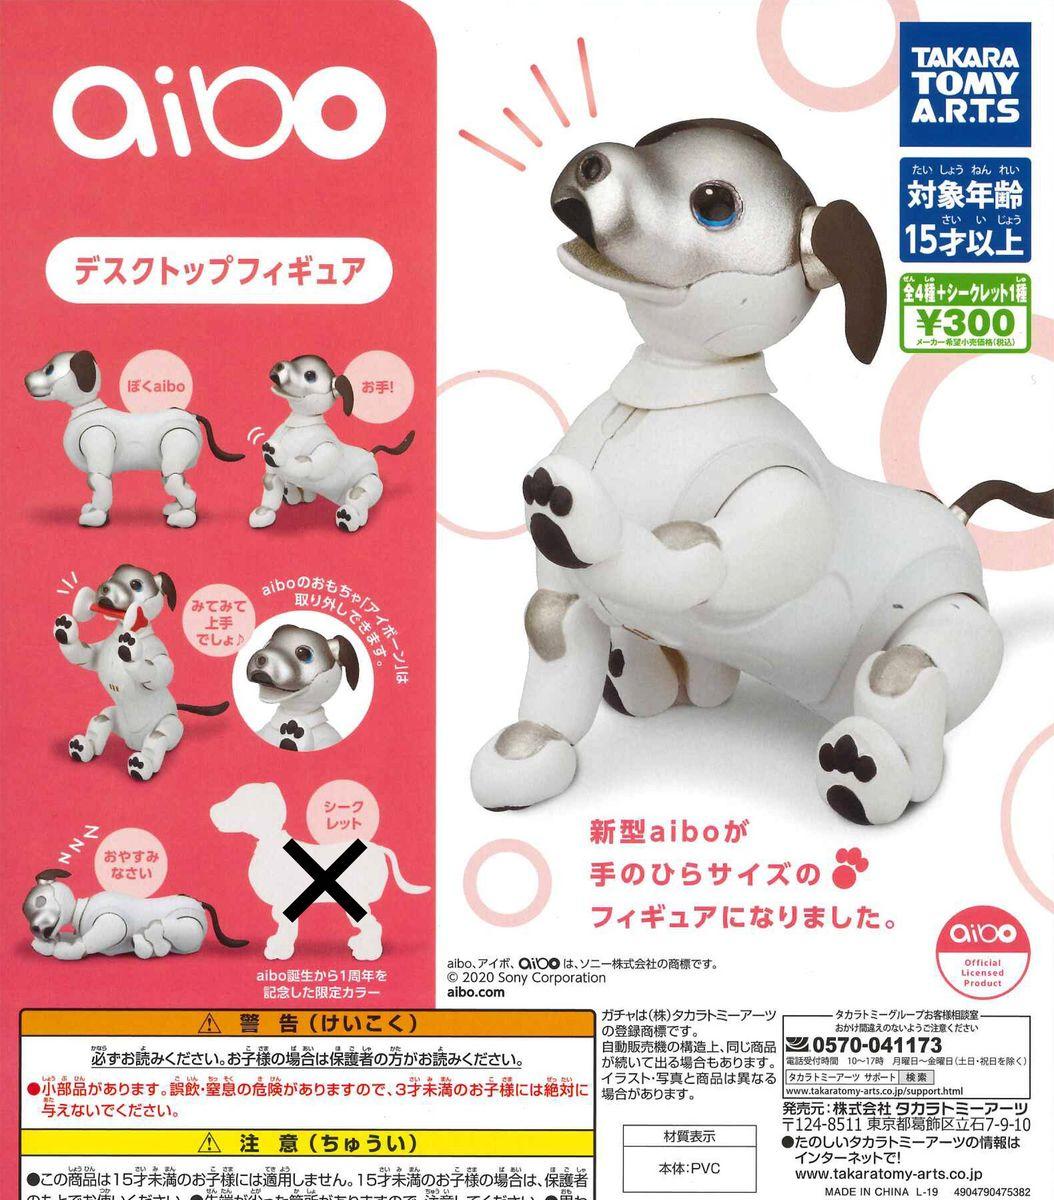 コレクション, ガチャガチャ aibo 4 -